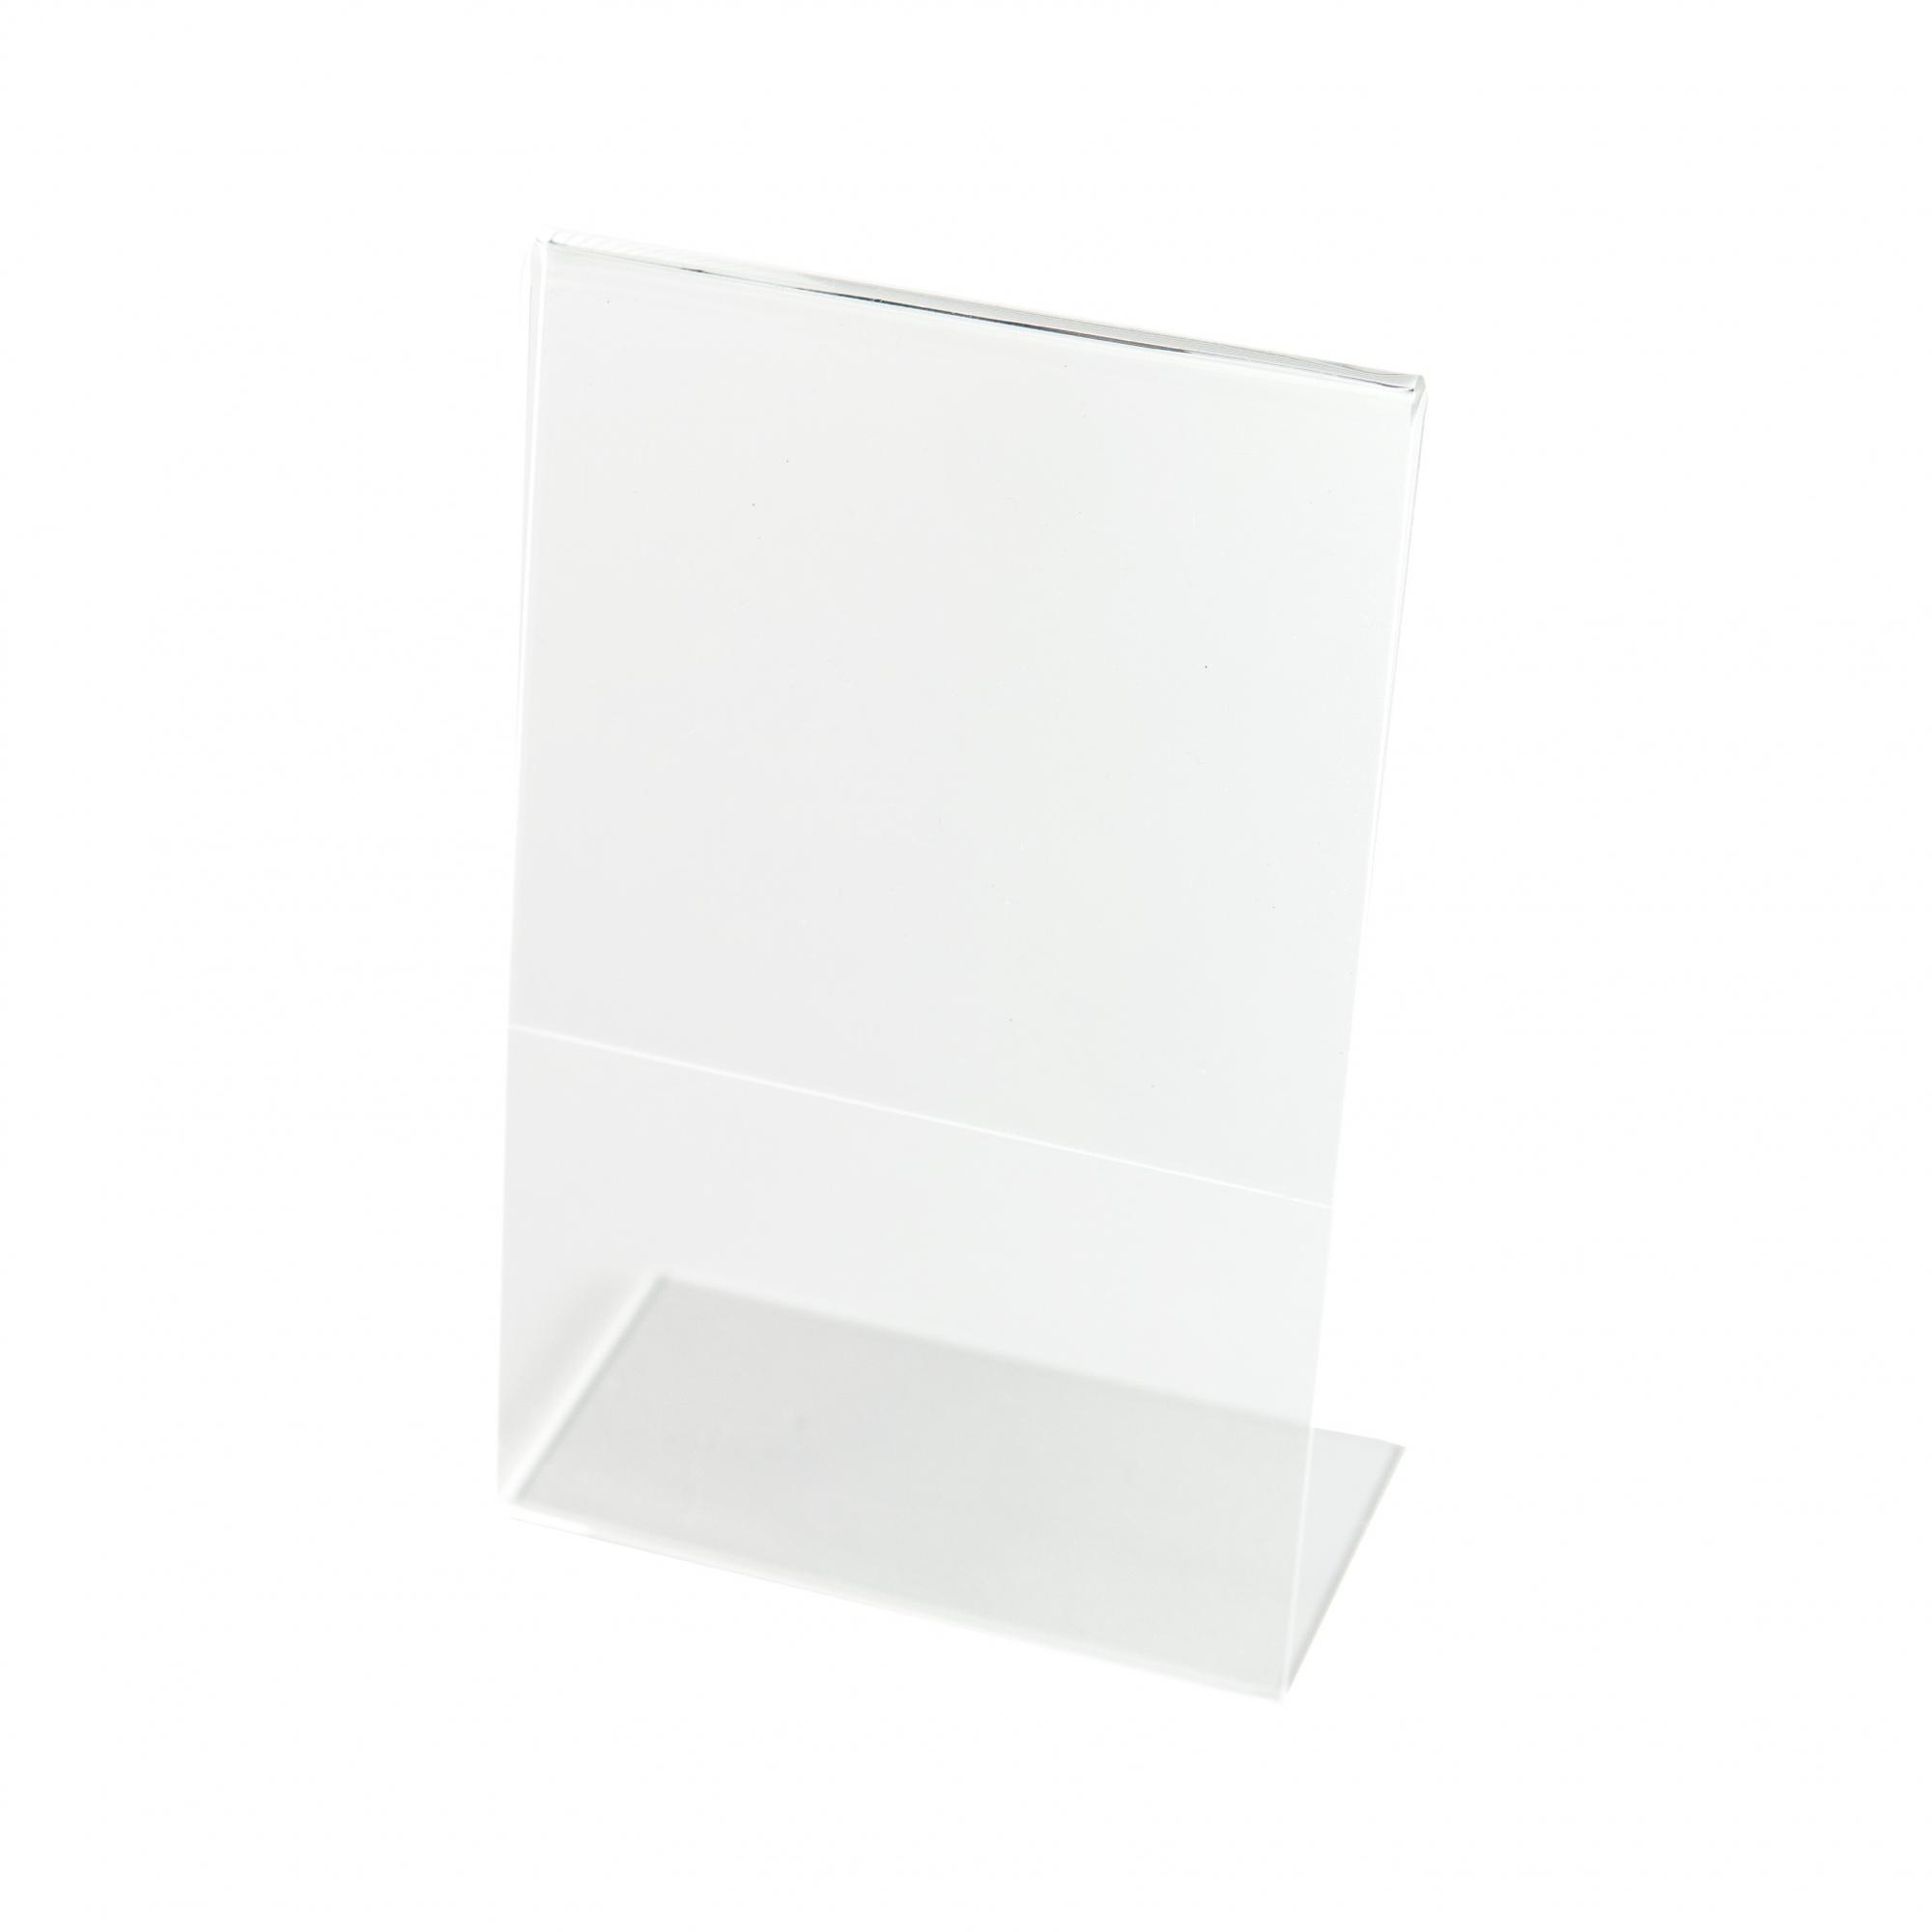 Kit Porta Preço Transparente 21x15cm - 5 Unidades